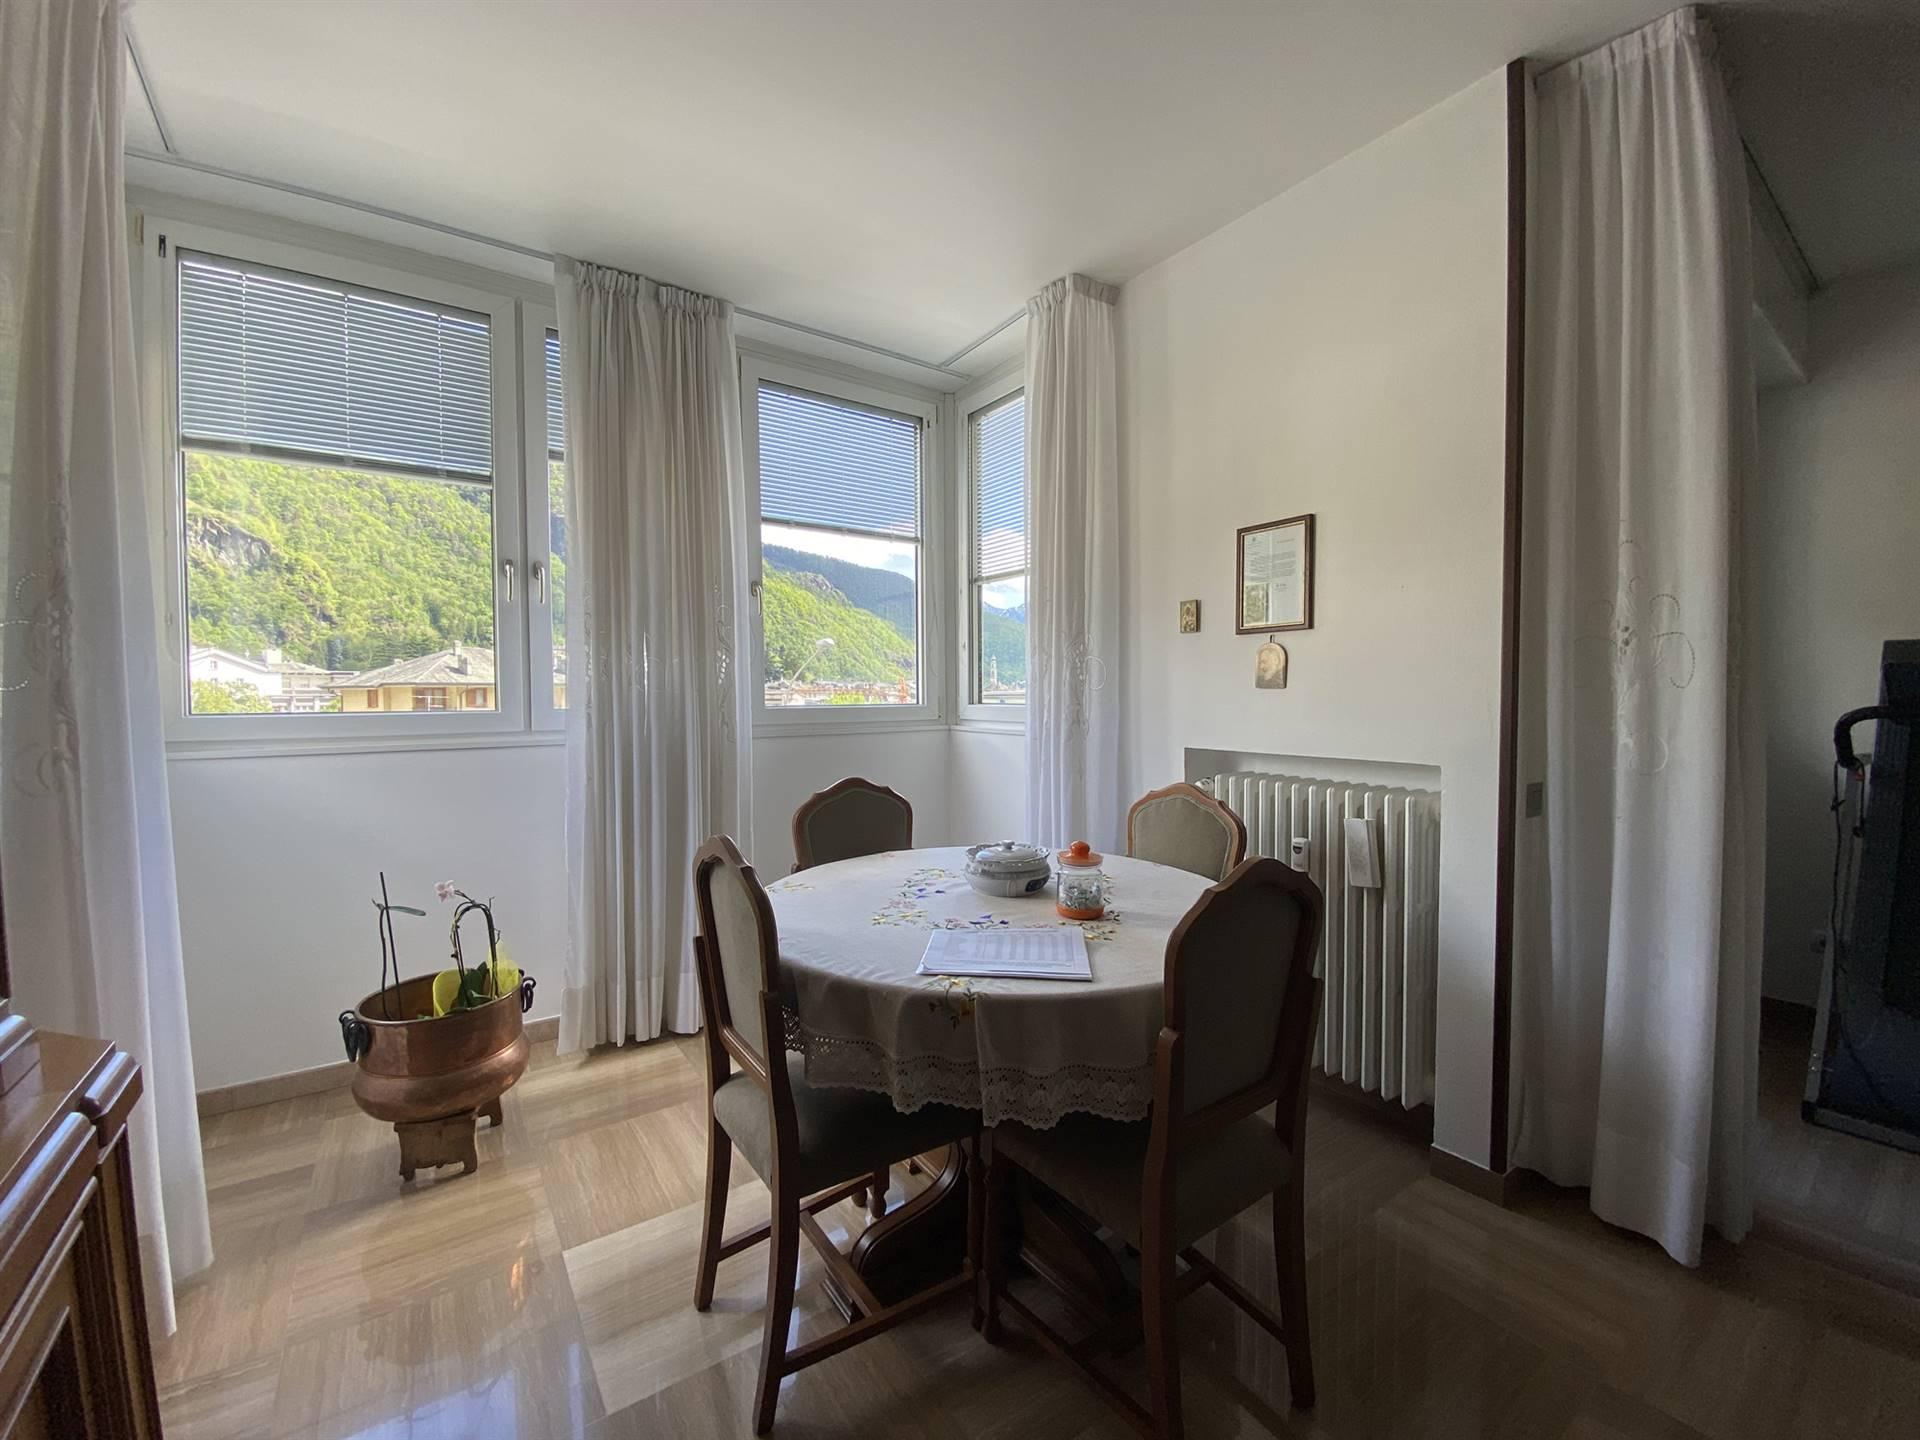 Appartamento in vendita a Chiavenna, 4 locali, prezzo € 180.000   PortaleAgenzieImmobiliari.it